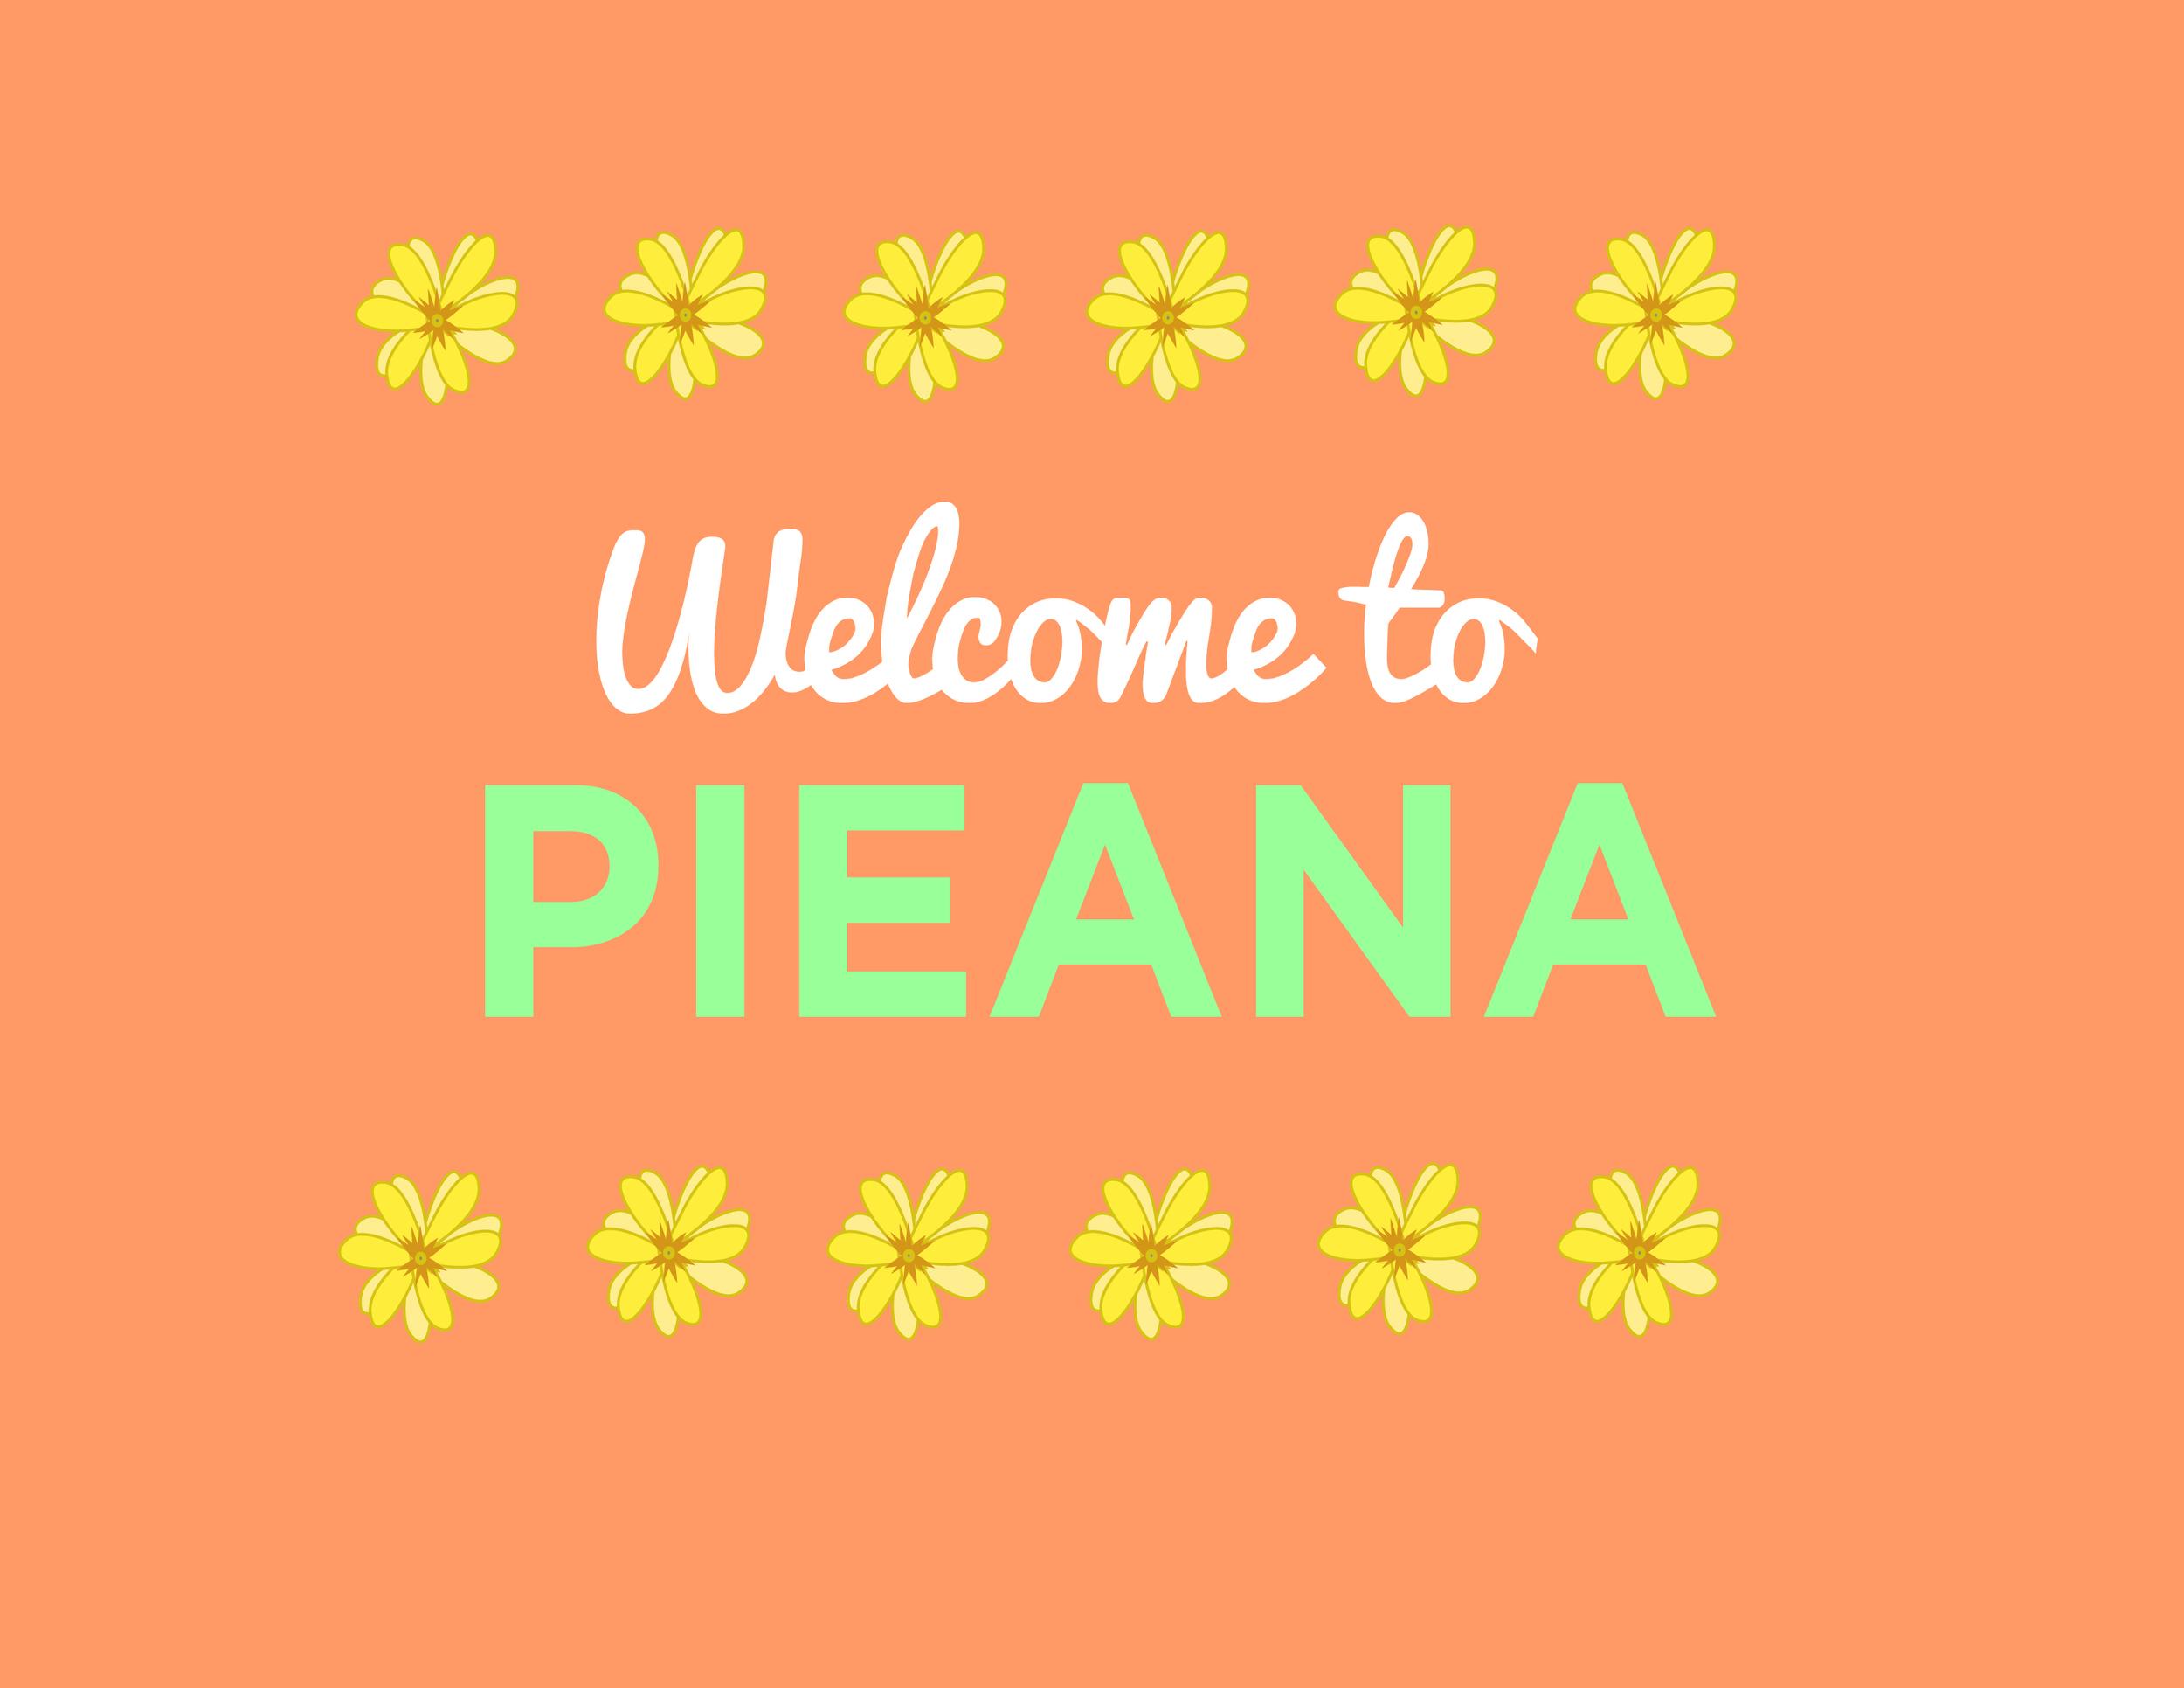 PIEANA-04.jpg